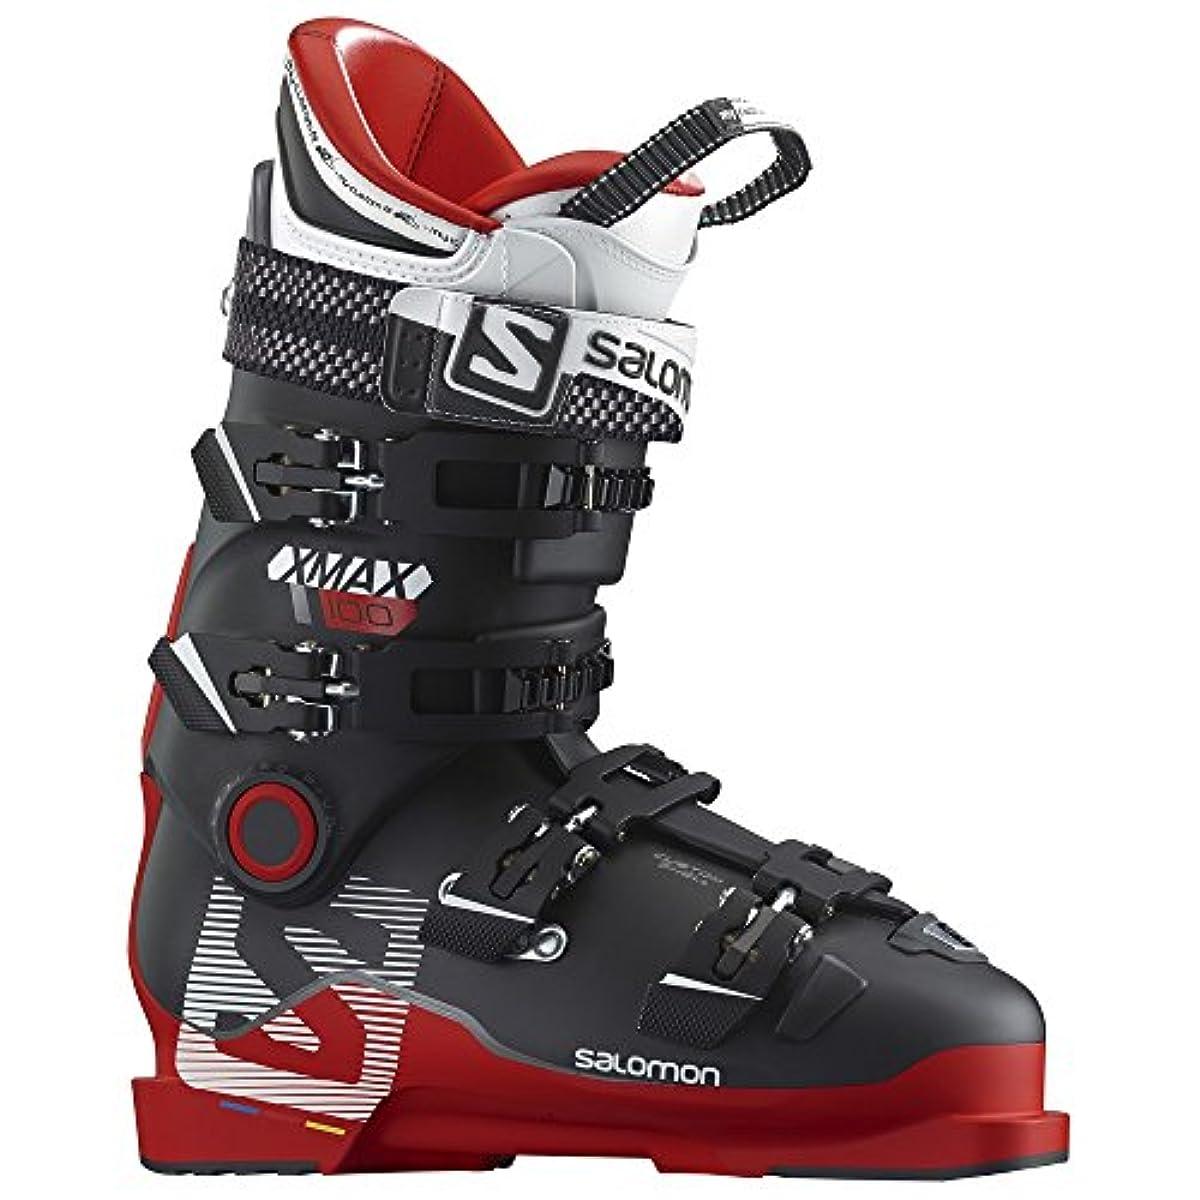 [해외] 살로몬SALOMON 스키화 X MAX 100 X 맥스 100 2016-17 모델